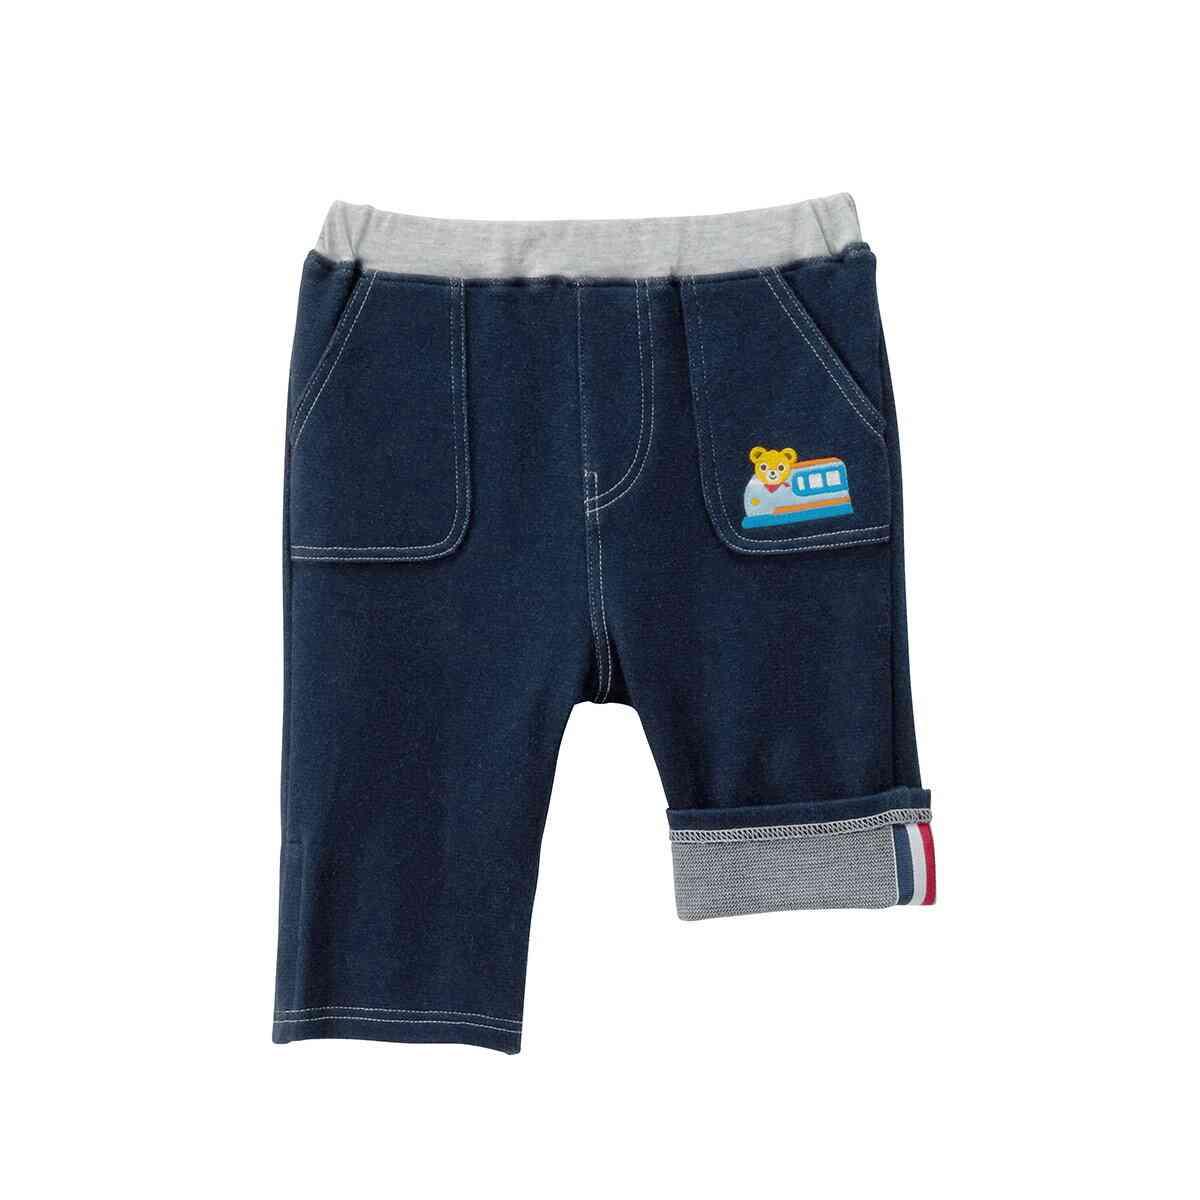 キッズファッション, パンツ mikiHOUSE() 8100cm110cm11-3203-613